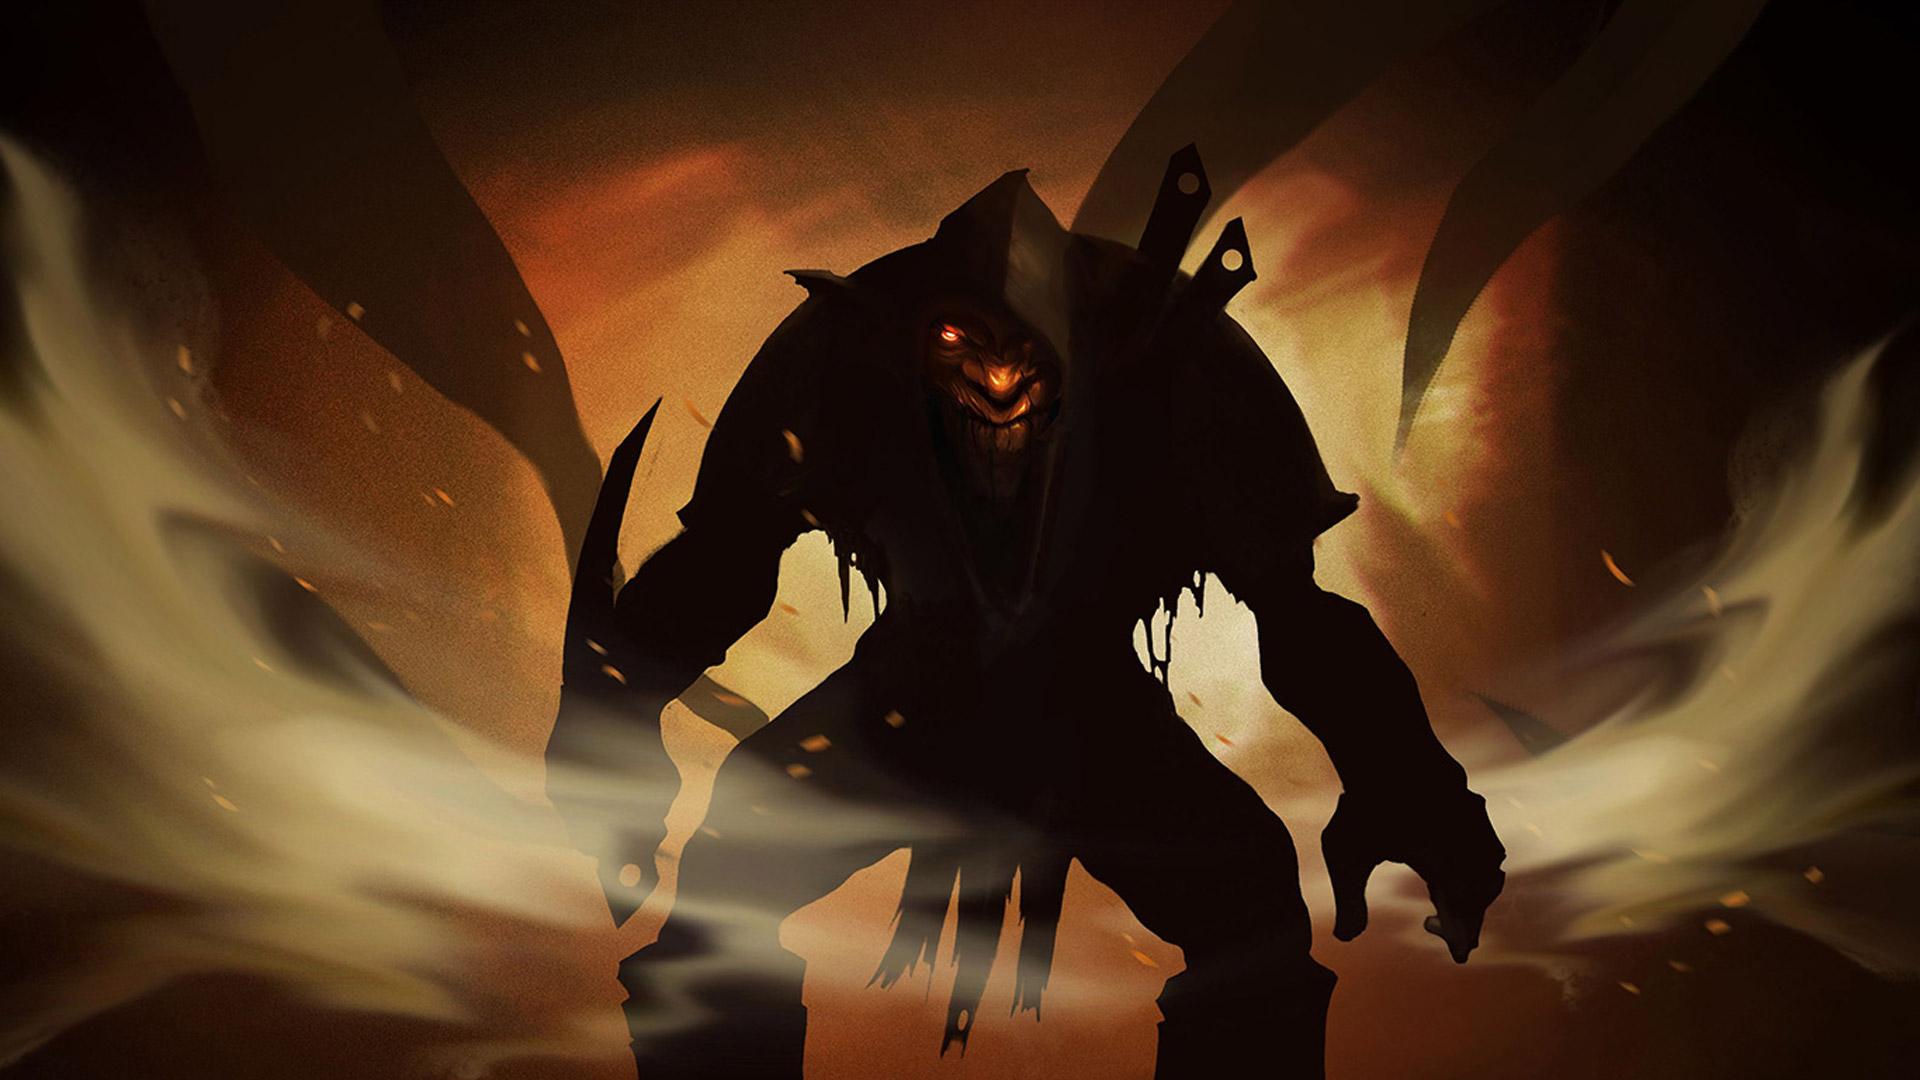 Styx Master of Shadows wallpaper 1